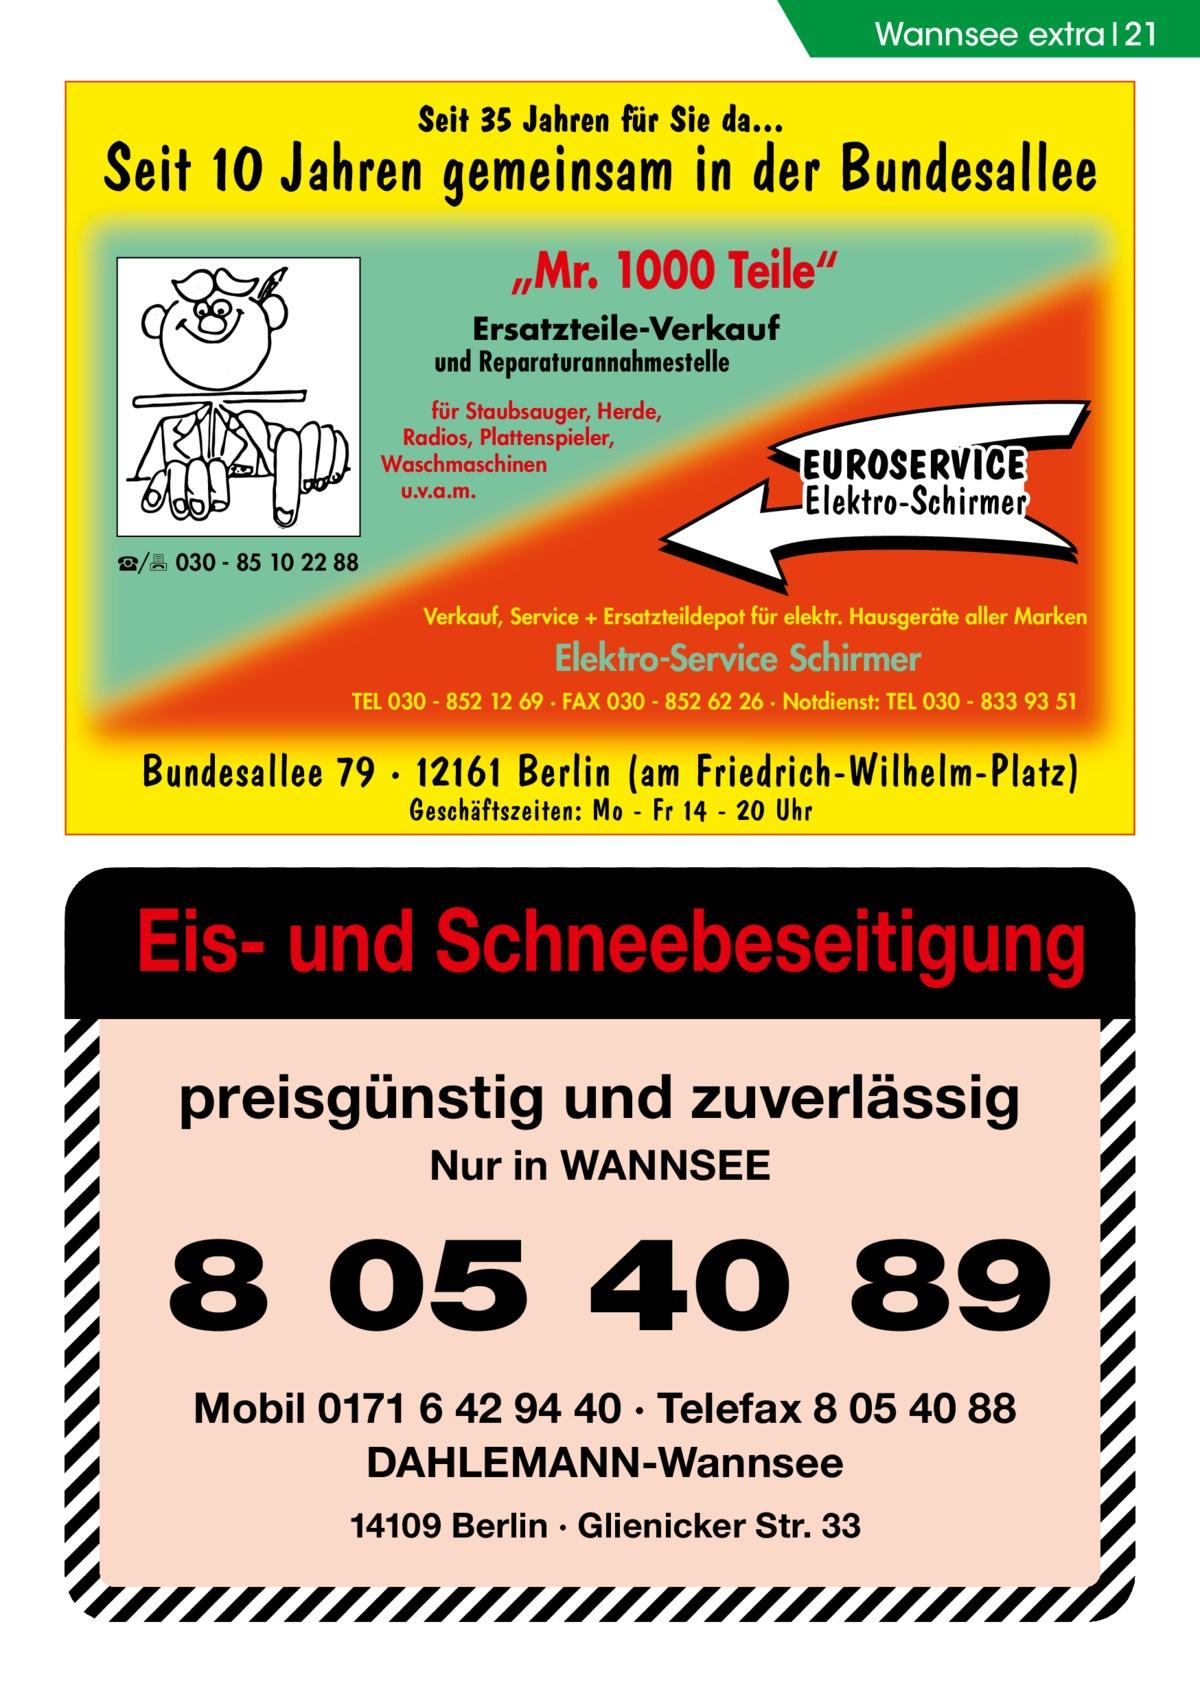 """Wannsee extra 21  Seit 35 Jahren für Sie da...  Seit 10 Jahren gemeinsam in der Bundesallee """"Mr. 1000 Teile"""" Ersatzteile-Verkauf  und Reparaturannahmestelle für Staubsauger, Herde, Radios, Plattenspieler, Waschmaschinen u.v.a.m.  EUROSERVICE Elektro-Schirmer  ☎/ 030 - 85 10 22 88 Verkauf, Service + Ersatzteildepot für elektr. Hausgeräte aller Marken  Elektro-Service Schirmer TEL 030 - 852 12 69 · FAX 030 - 852 62 26 · Notdienst: TEL 030 - 833 93 51  Bundesallee 79 · 12161 Berlin (am Friedrich-Wilhelm-Platz) Geschäftszeiten: Mo - Fr 14 - 20 Uhr  Eis- und Schneebeseitigung preisgünstig und zuverlässig Nur in WANNSEE  8 05 40 89 Mobil 0171 6 42 94 40 · Telefax 8 05 40 88 DAHLEMANN-Wannsee 14109 Berlin · Glienicker Str. 33"""